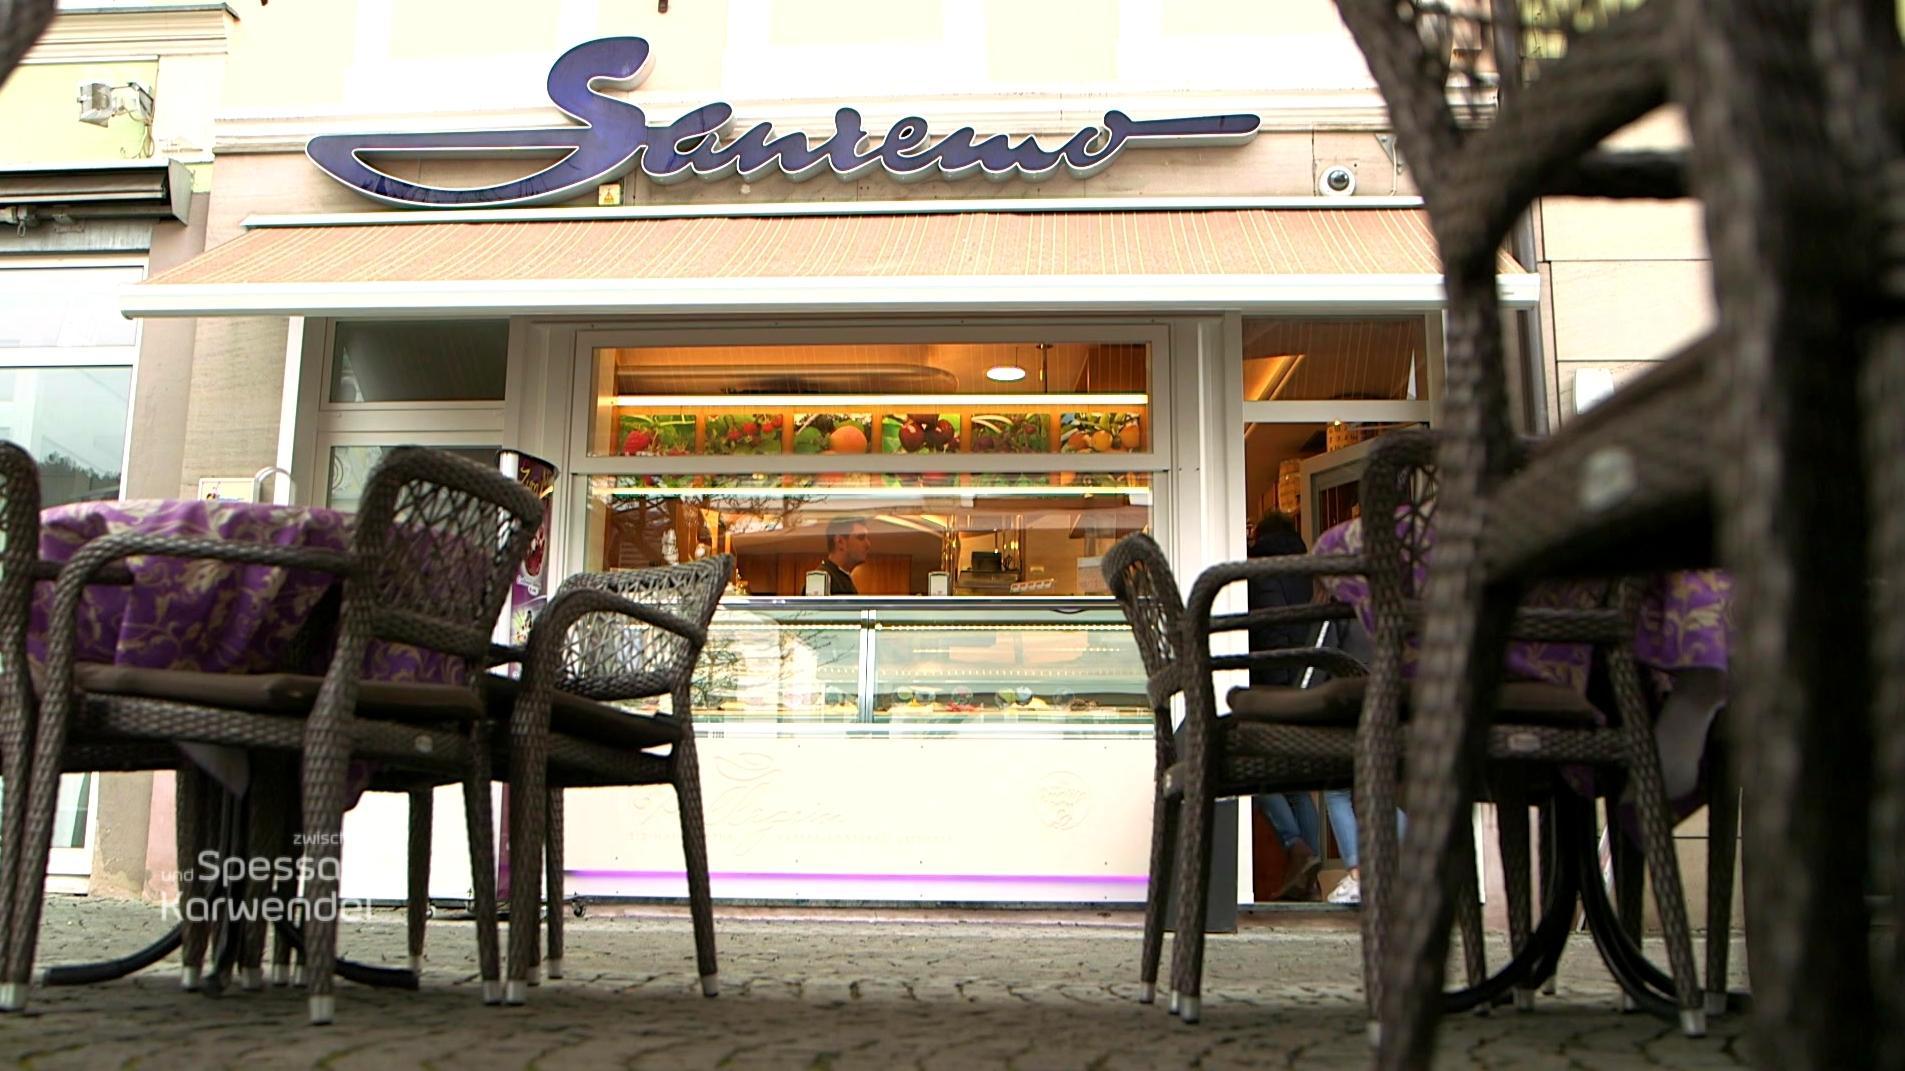 Die Eisdiele Sanremo in Kulmbach, davor stehen Stühle.